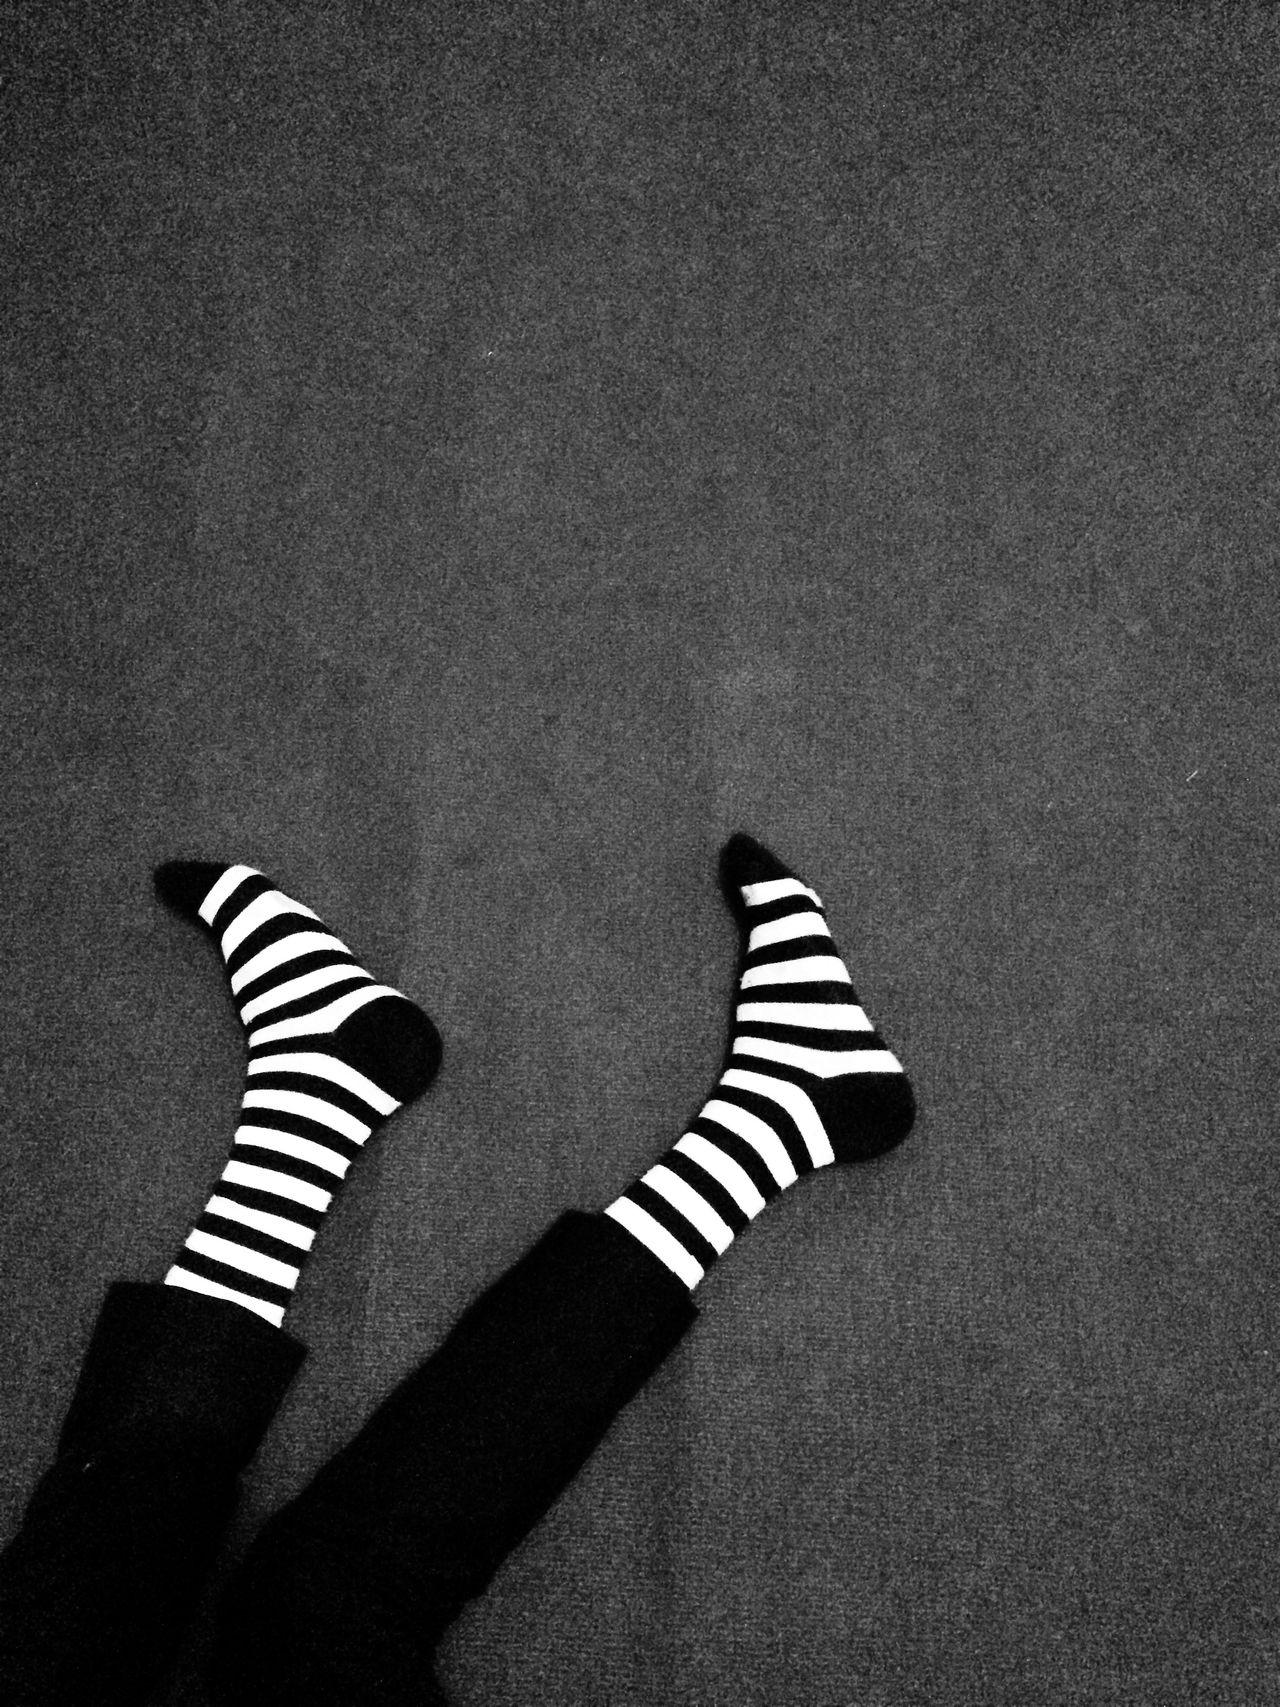 Zebra socks Sock Striped TK Maxx Socksie